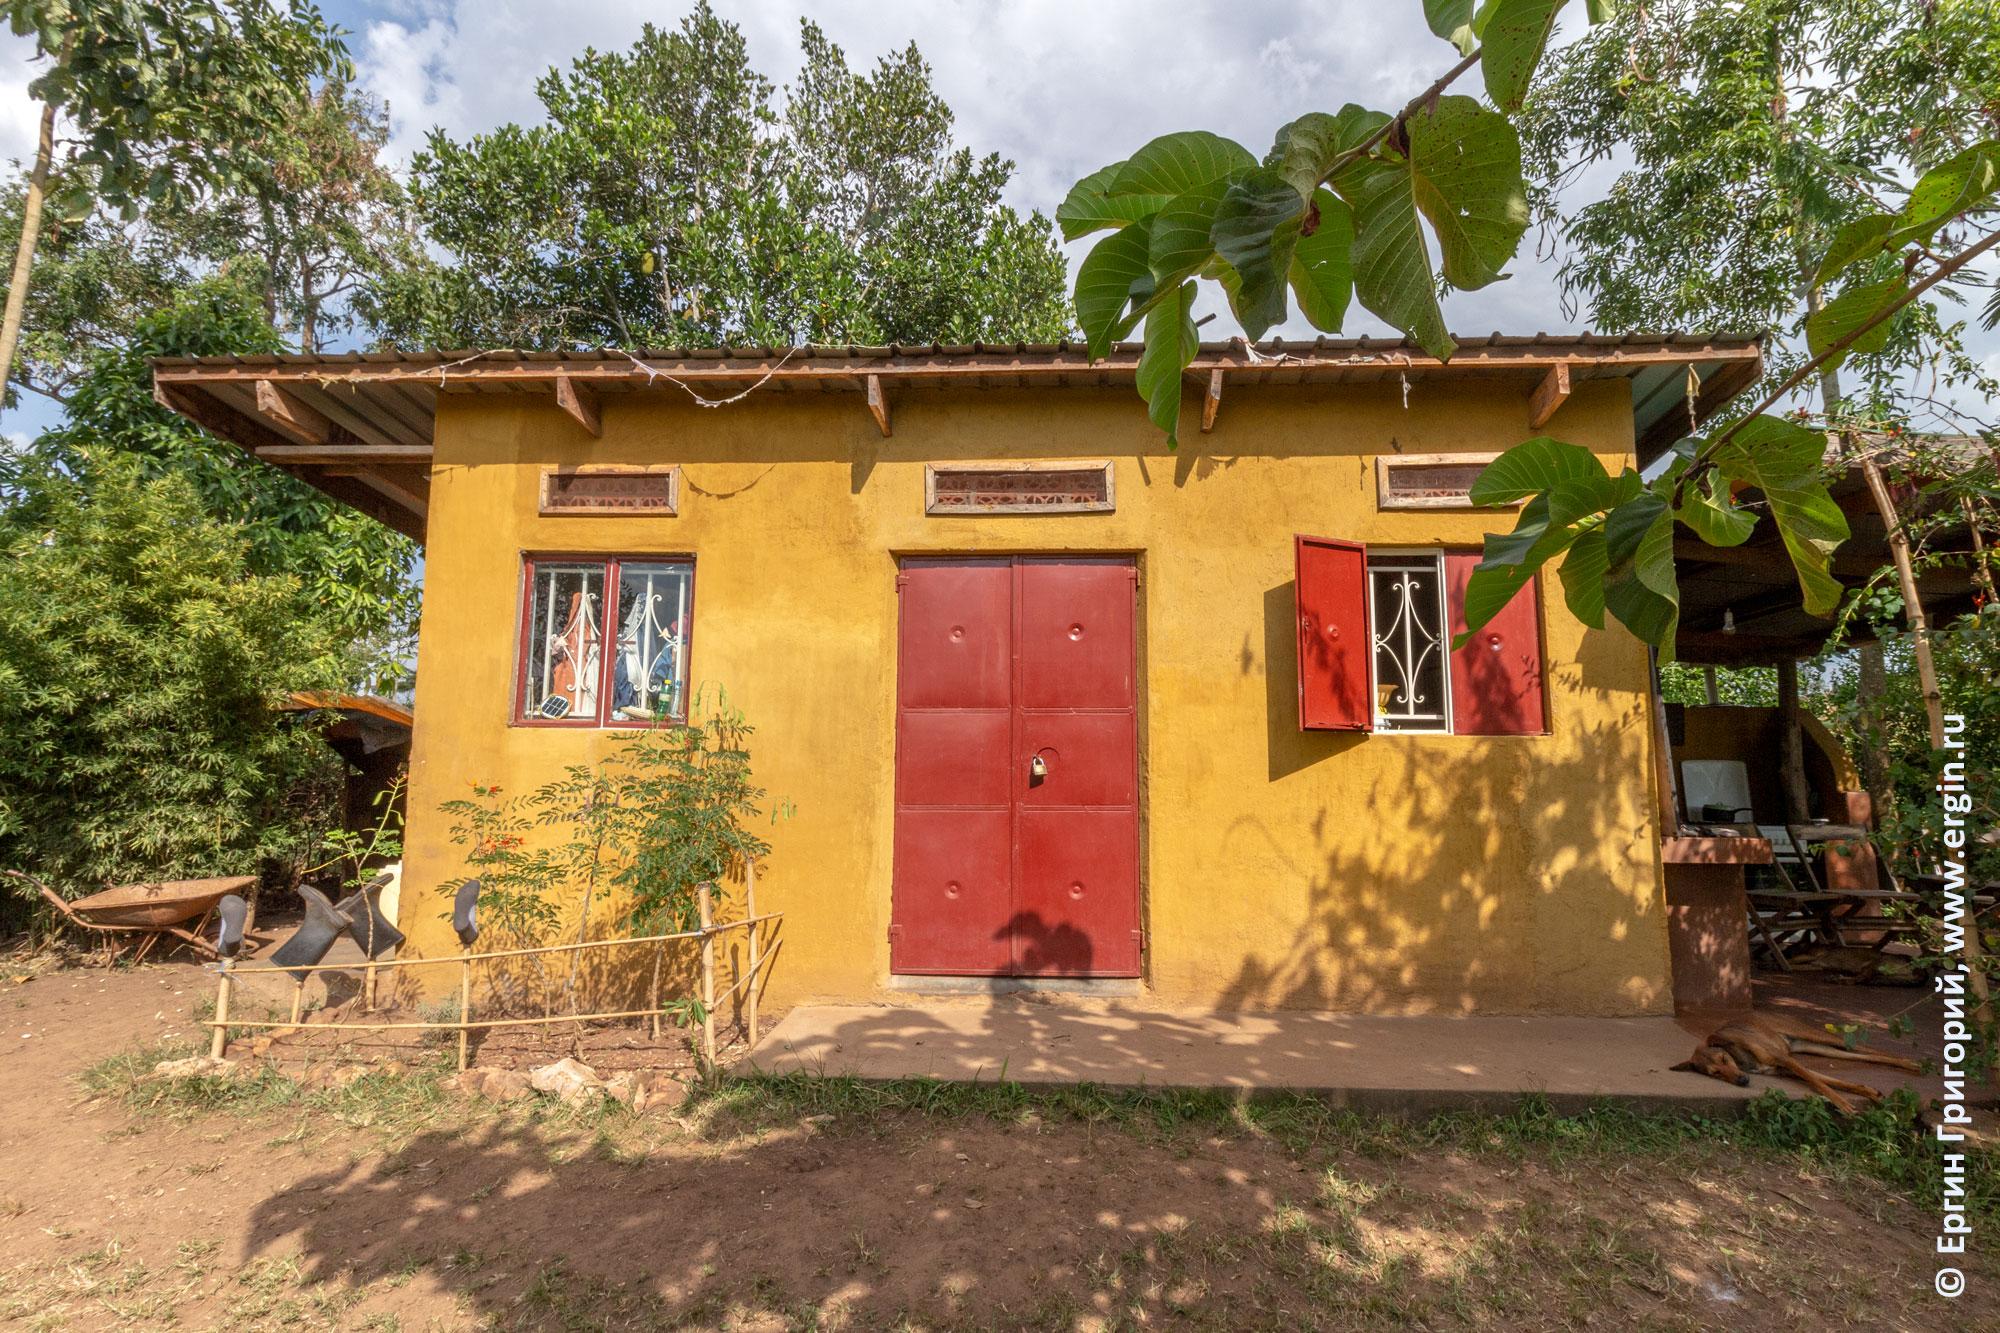 Уганда ферма Дженни Фармер основной дом фермы кладовая